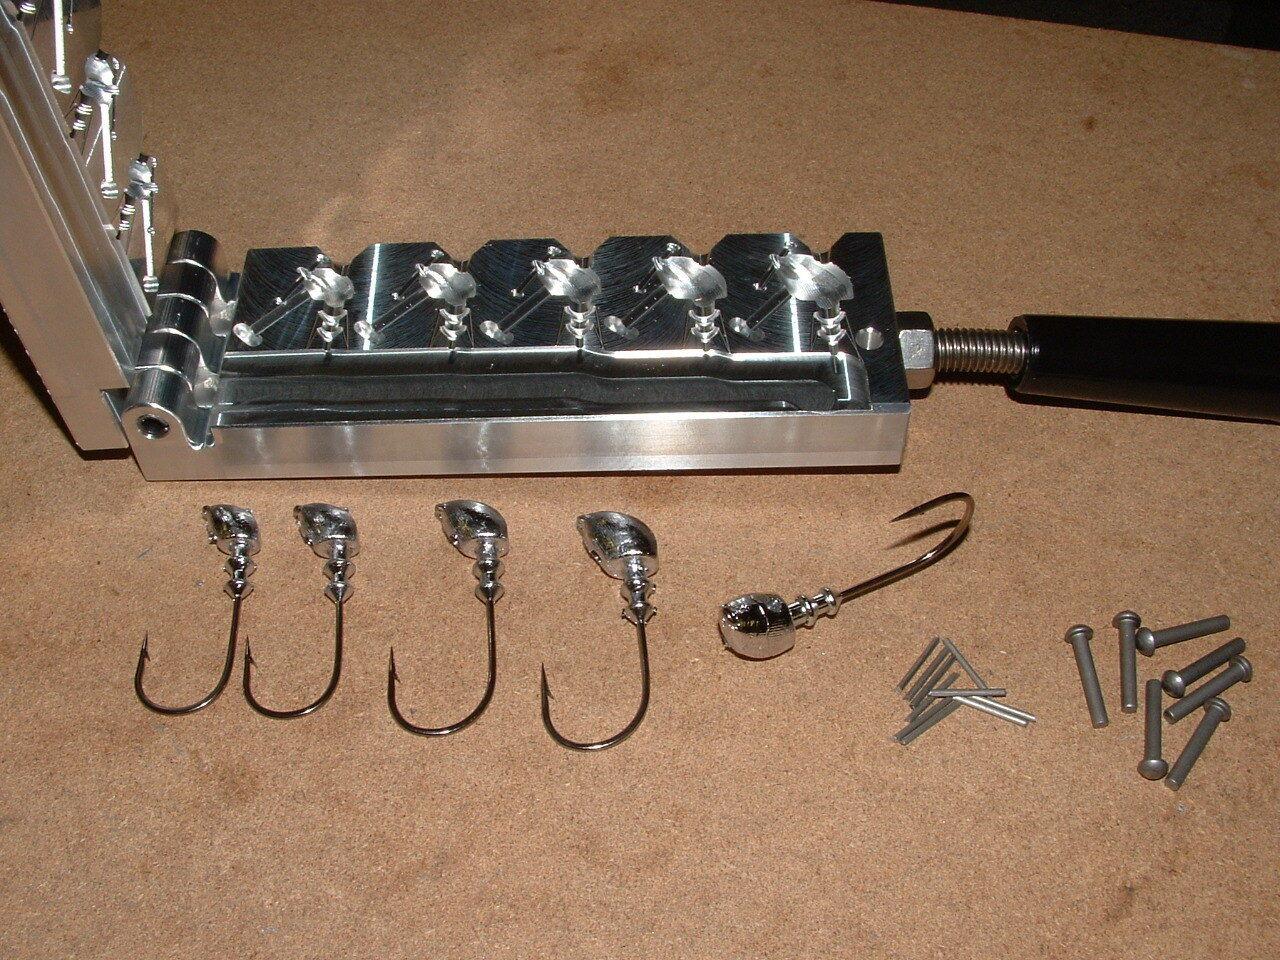 Freshwater Flateye Standup jig mold 1 4 ,5 16,3 8,1 2,5 8oz CNC Aluminum Bass